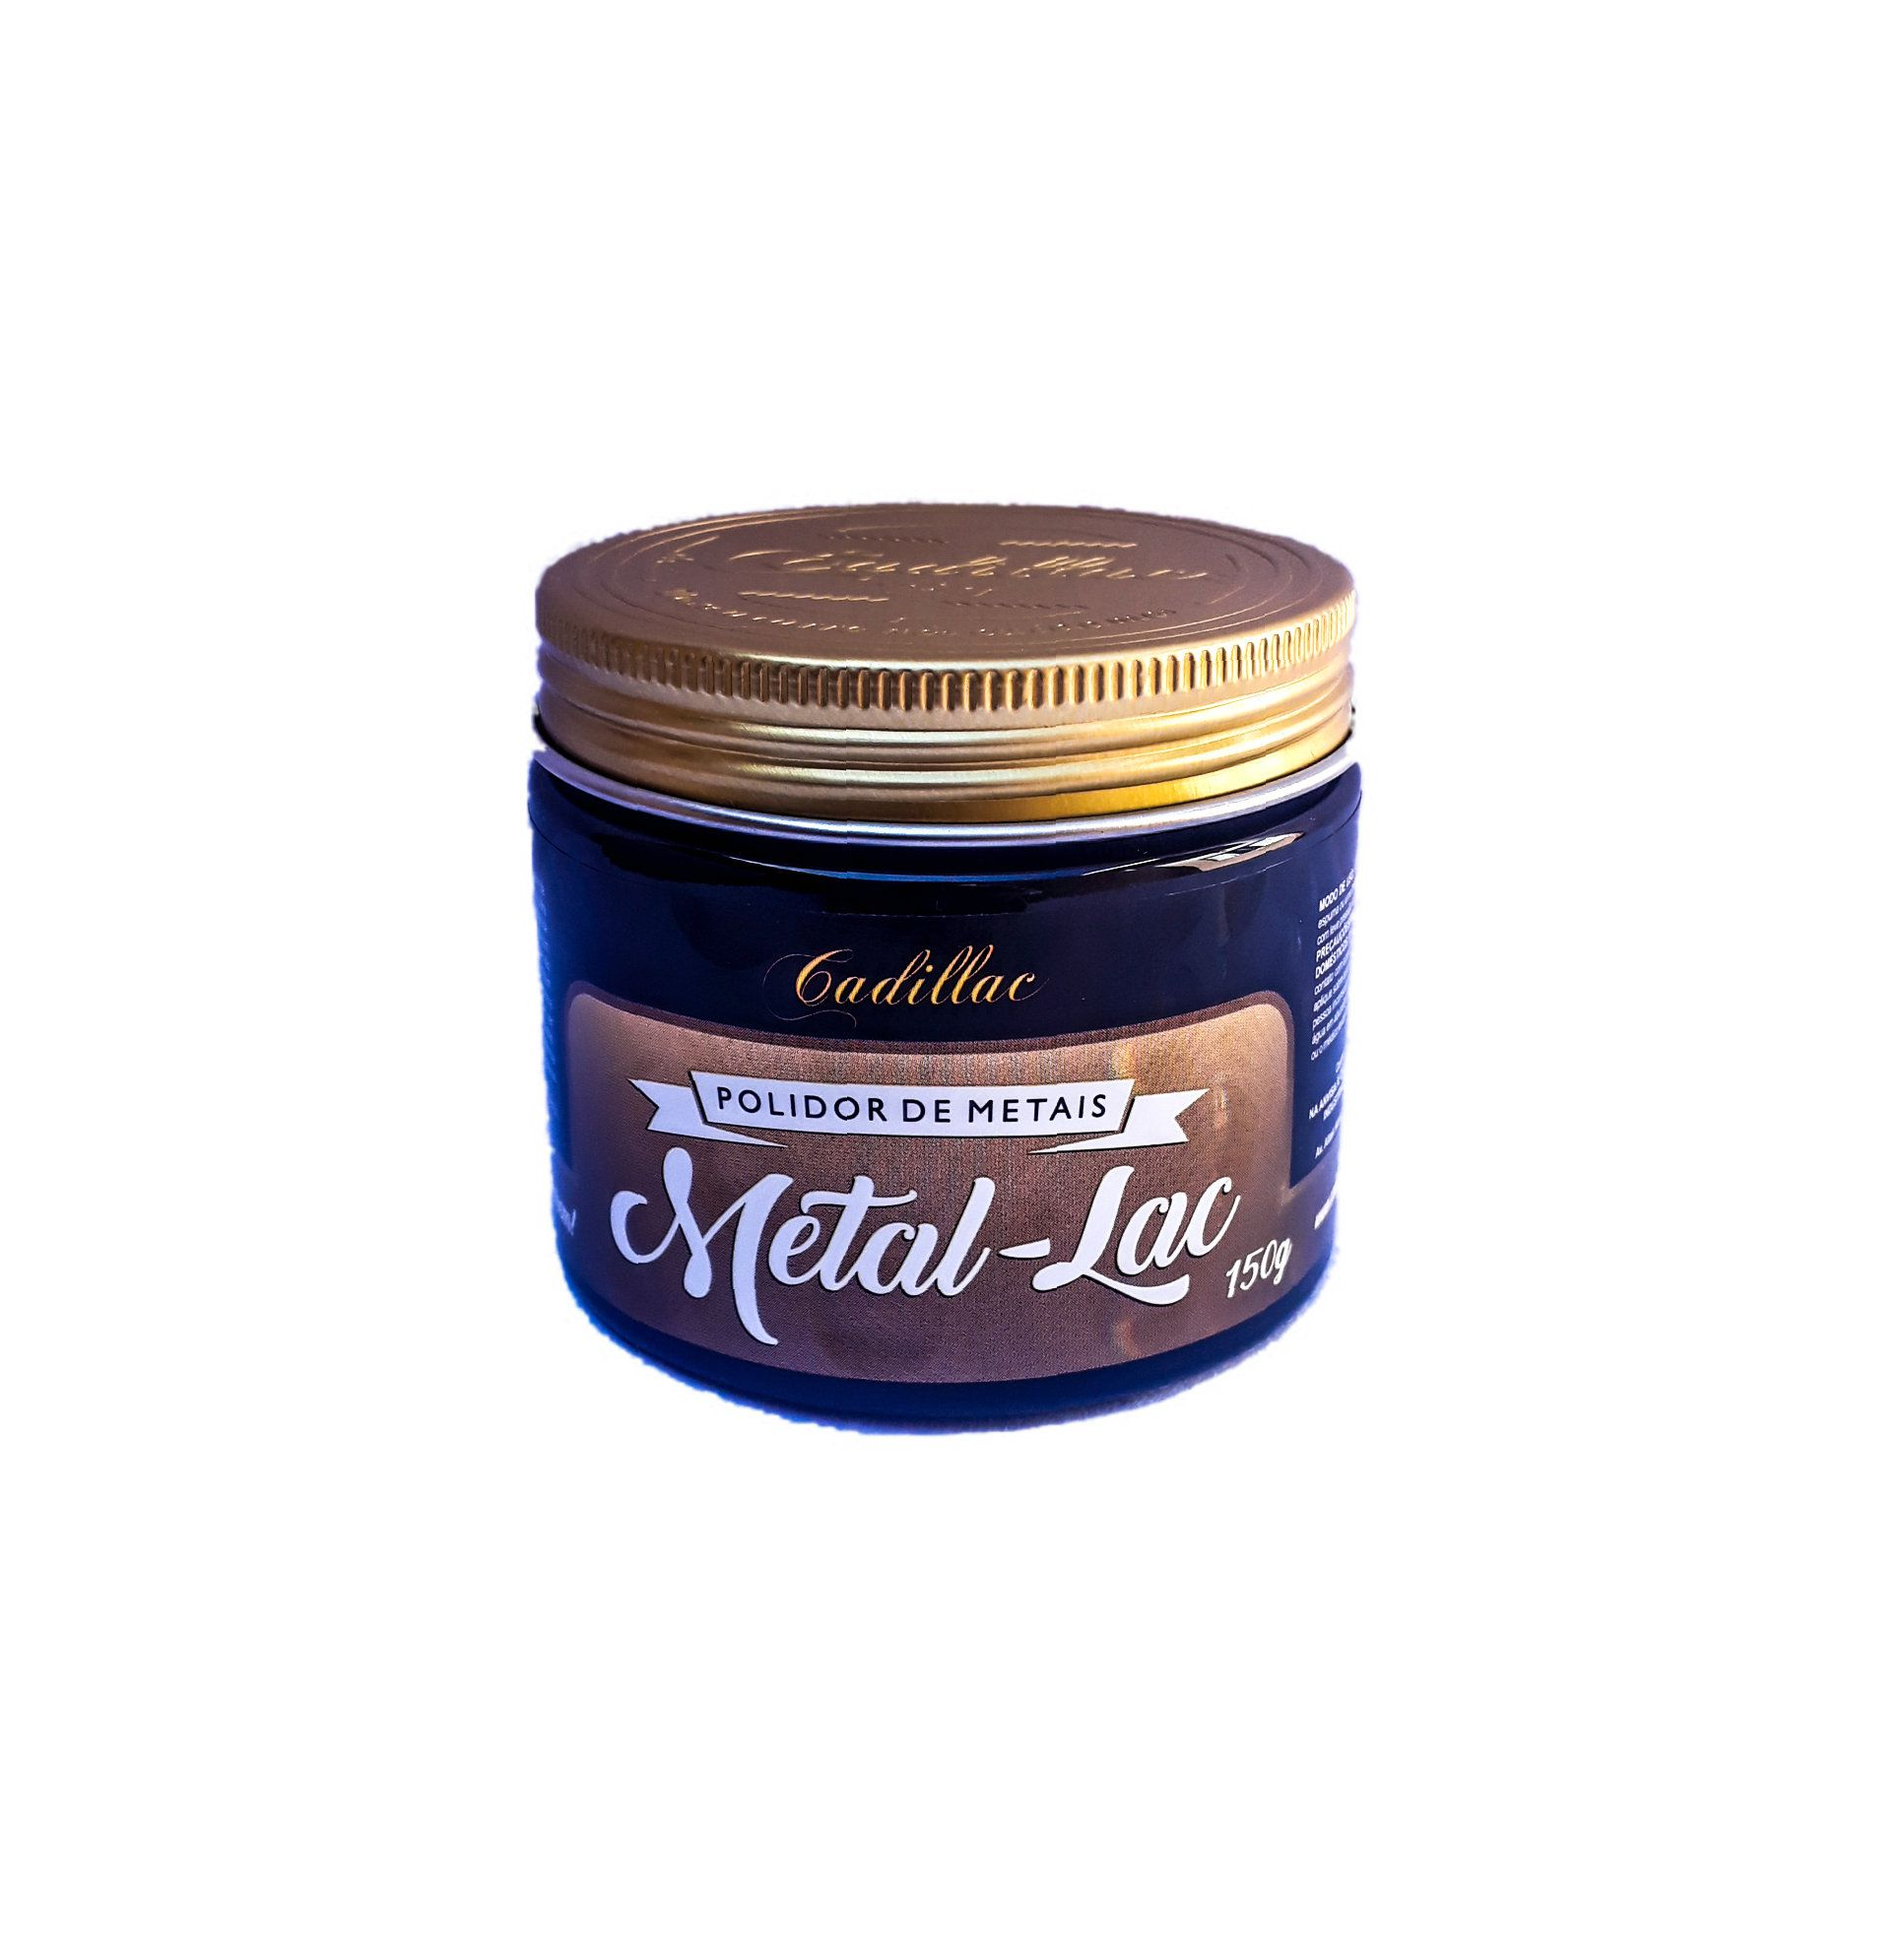 Polidor restaurador metais cromo cromados metal lac cadillac